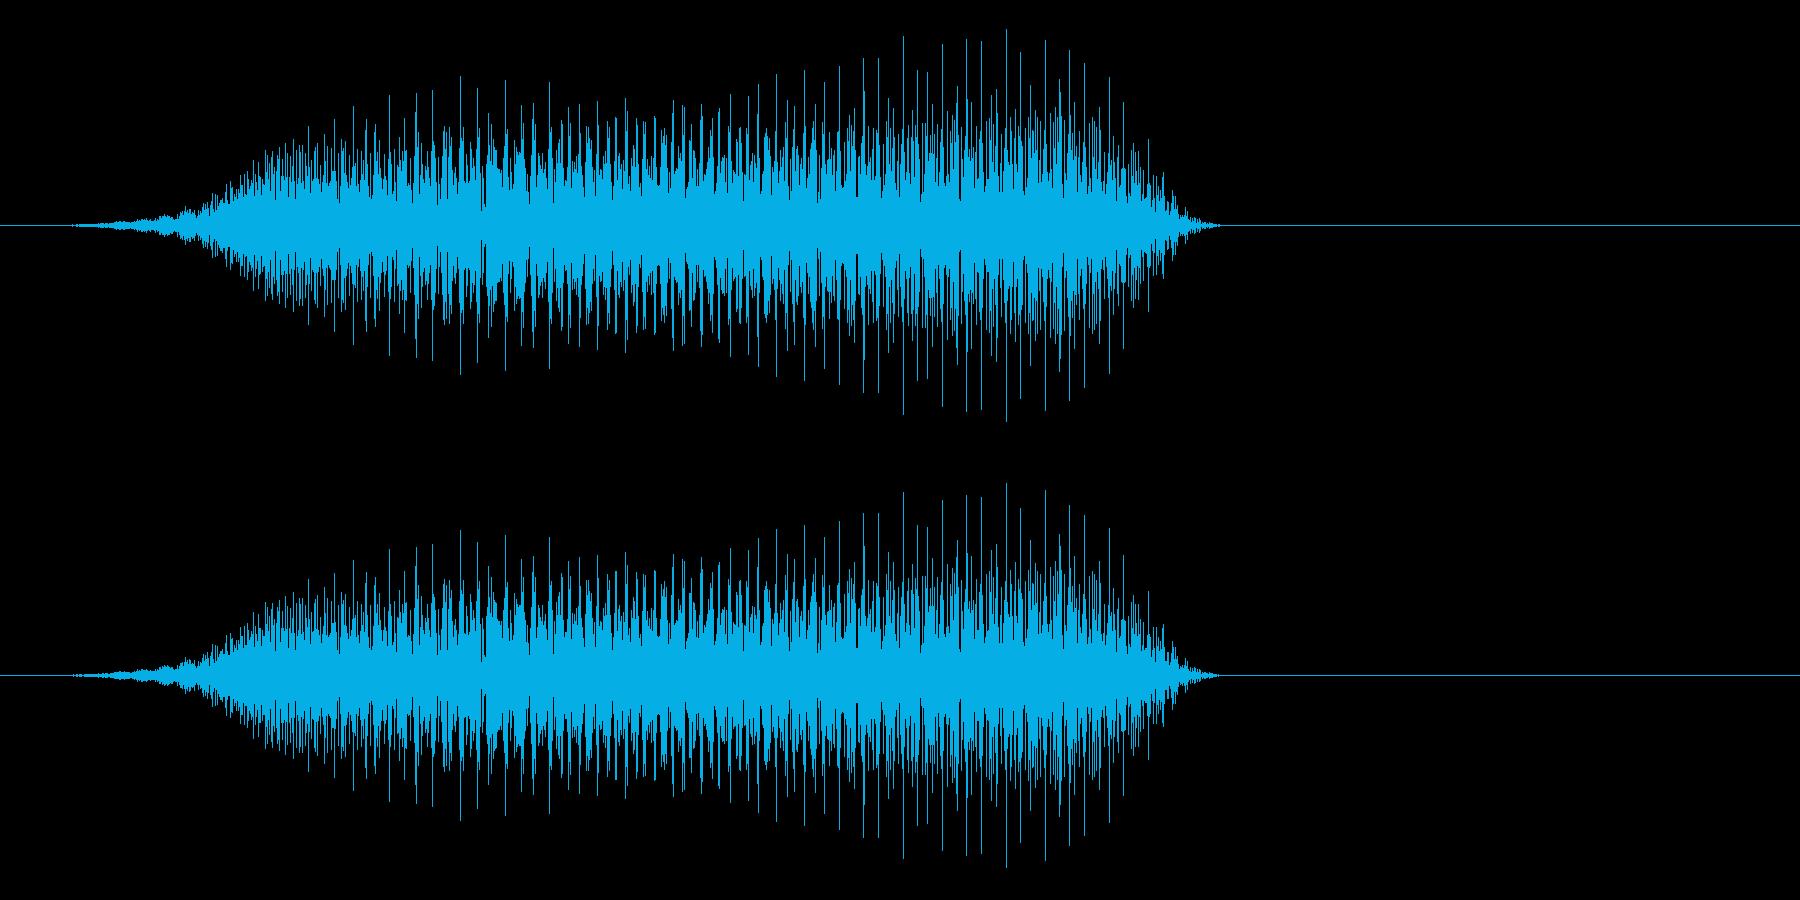 キュイ(選択したことを示す電子音)の再生済みの波形